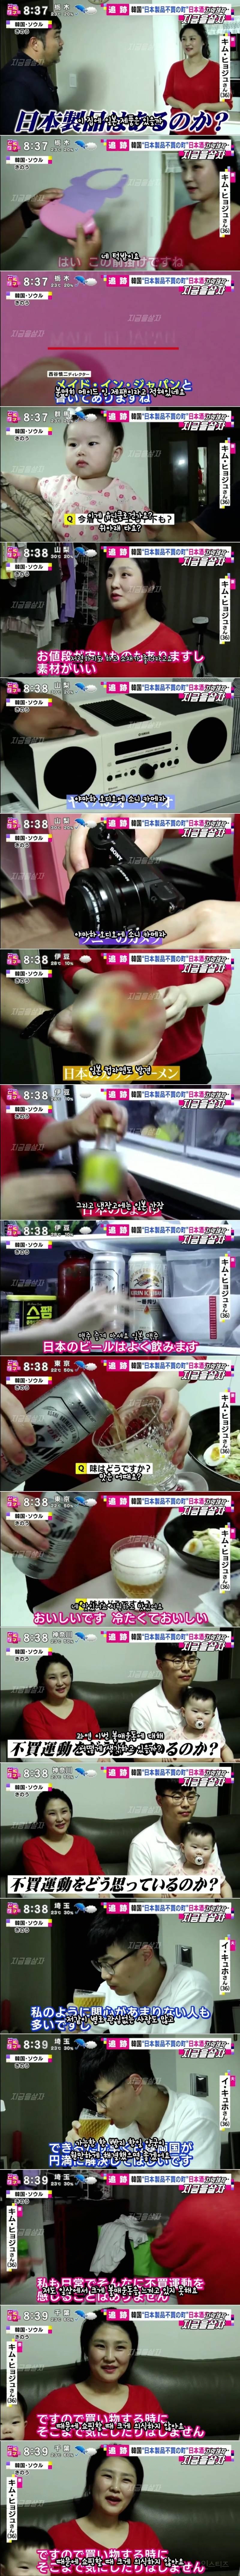 불매운동으로 한국 가정집 방문한 일본 방송.jpg   인스티즈